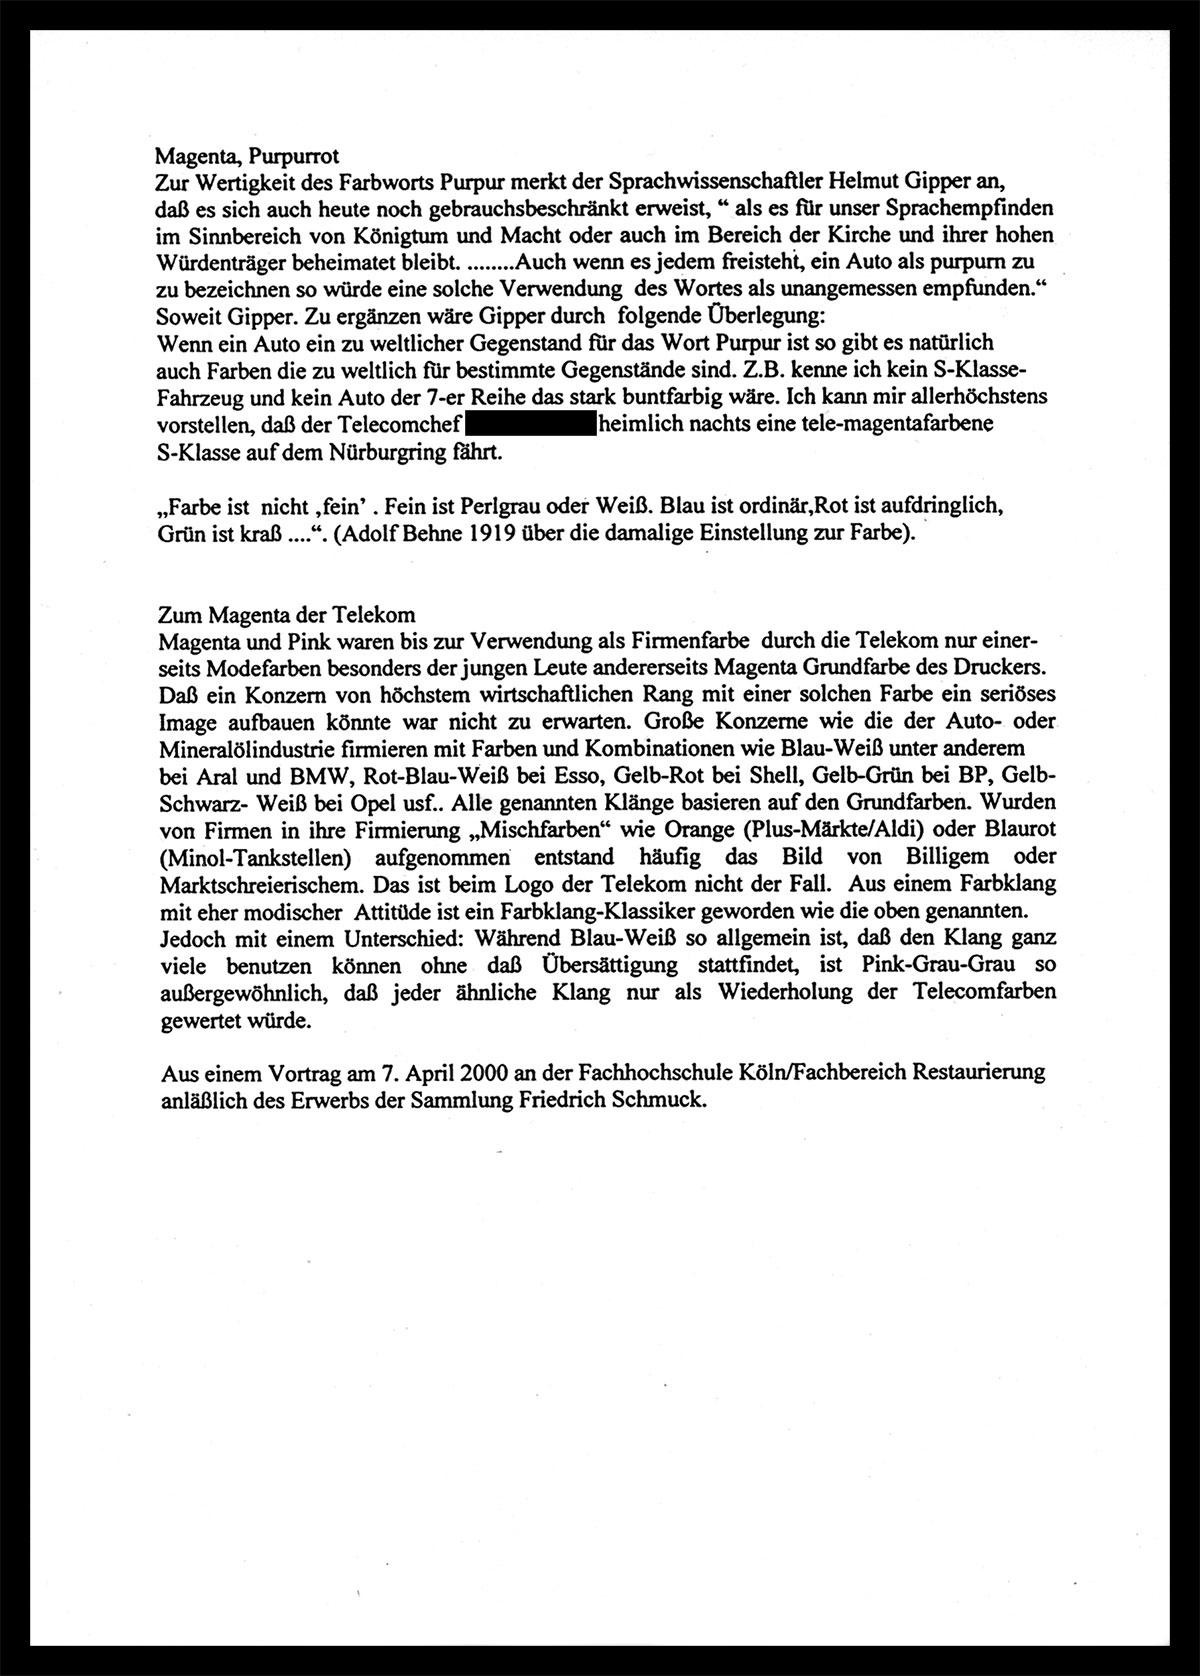 Schriftdokument Beitrag Schmuck Fachhochschule Köln anlässlich des Erwerbs der Sammlung Friedrich Schmuck